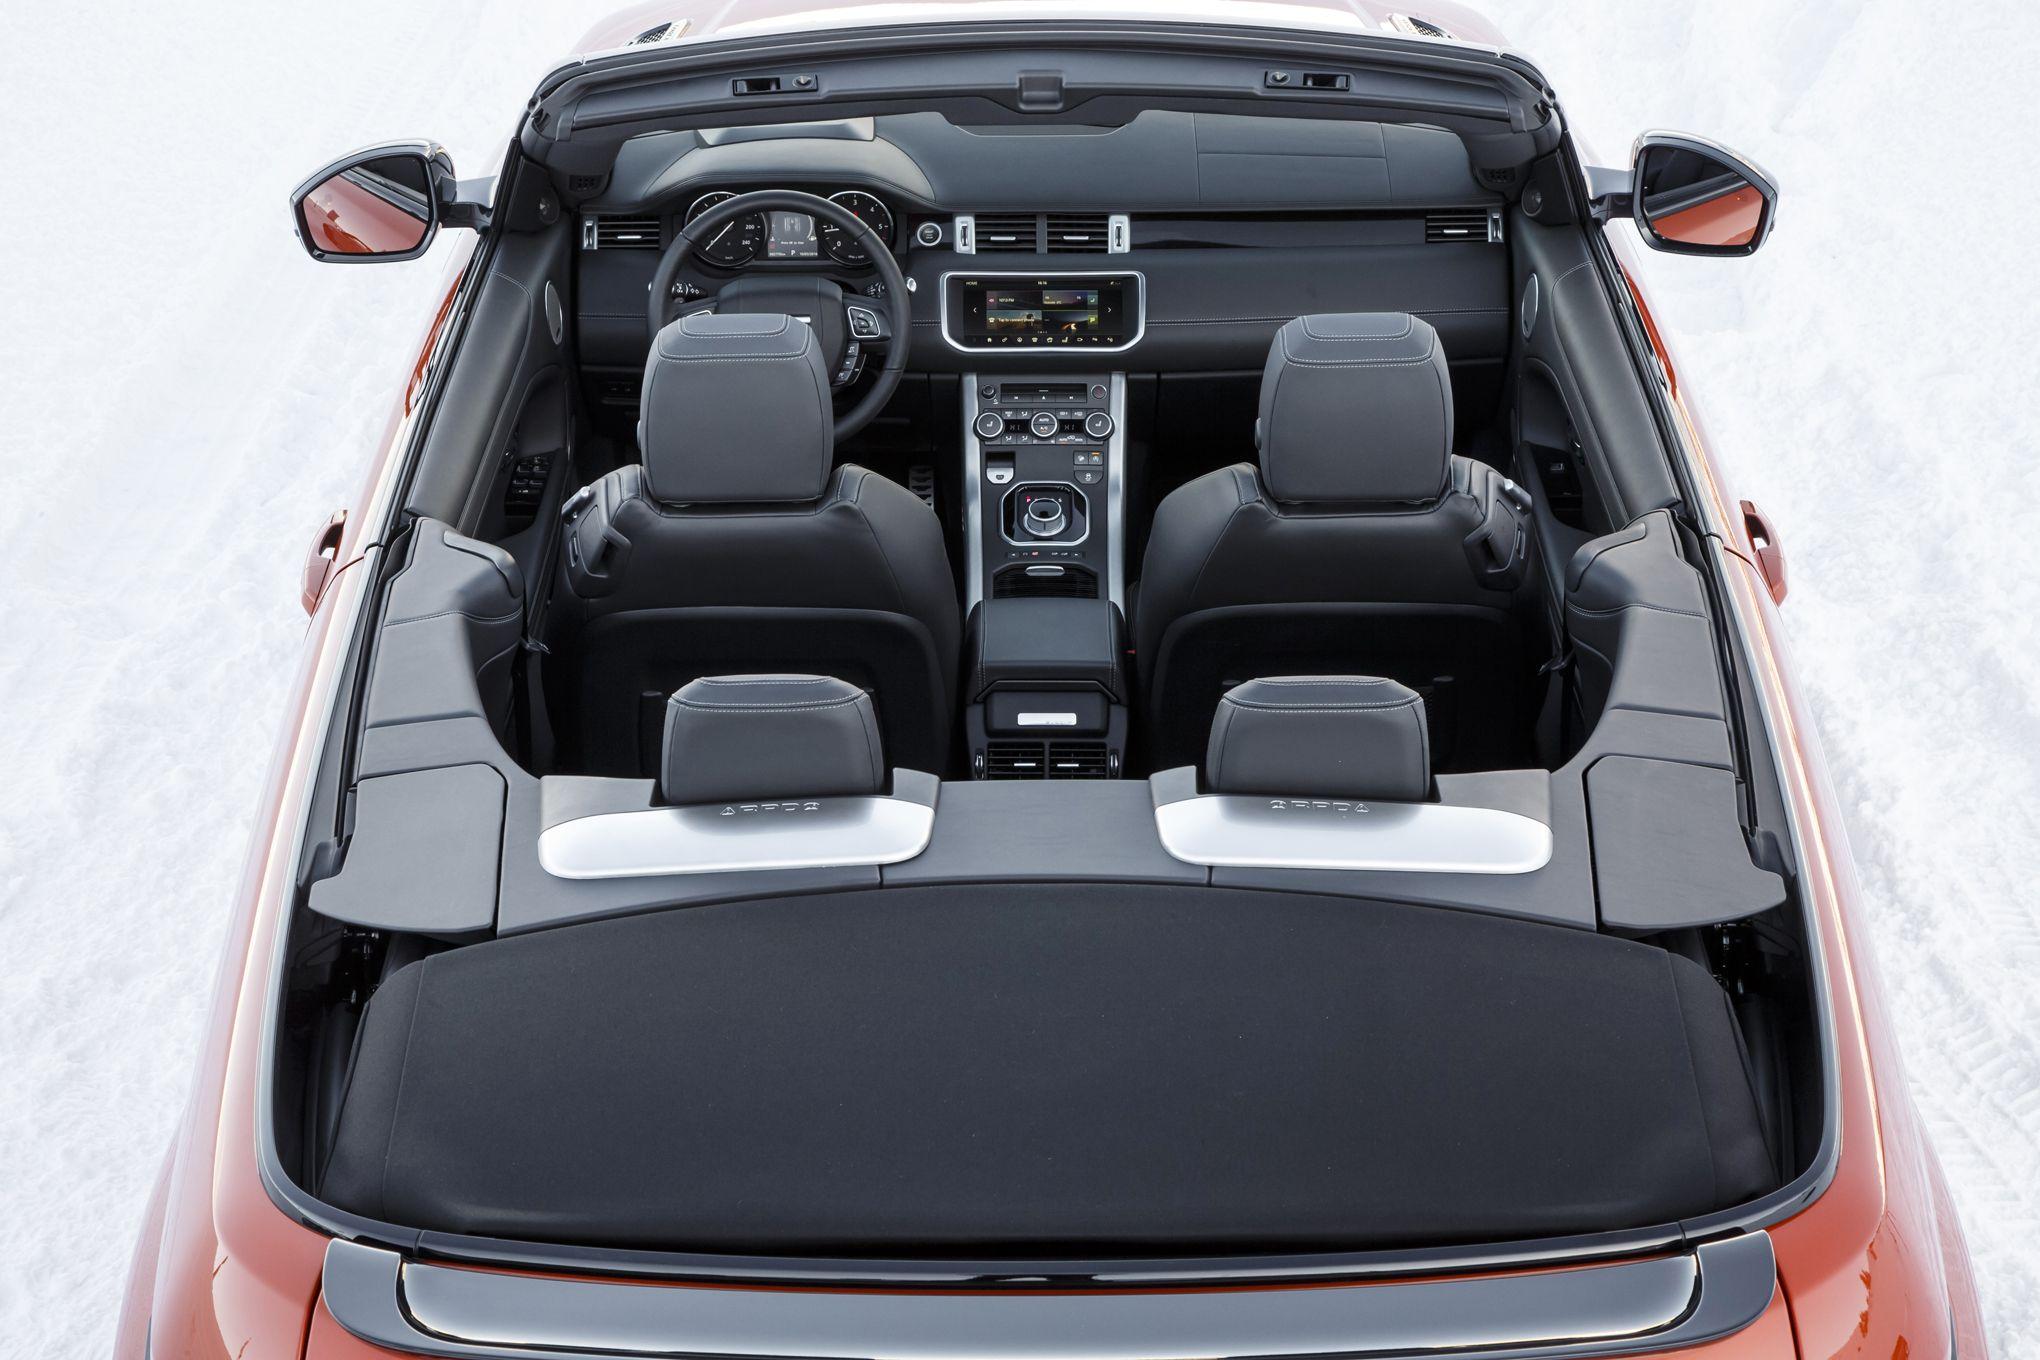 range rover evoque cabrio side angle 780—410